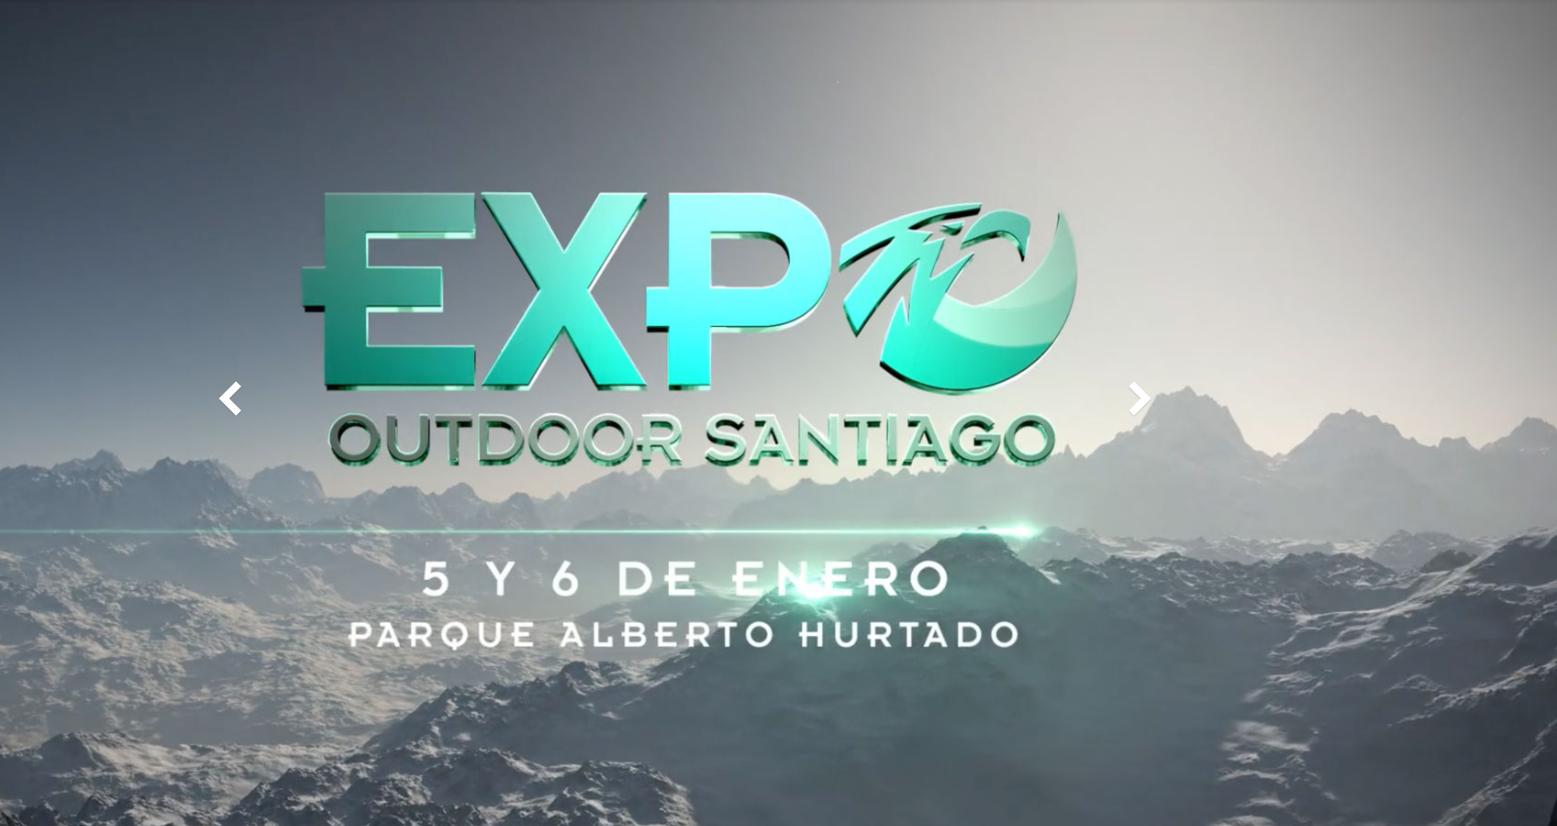 Este fin de semana se realizará la Expo Outdoor Santiago